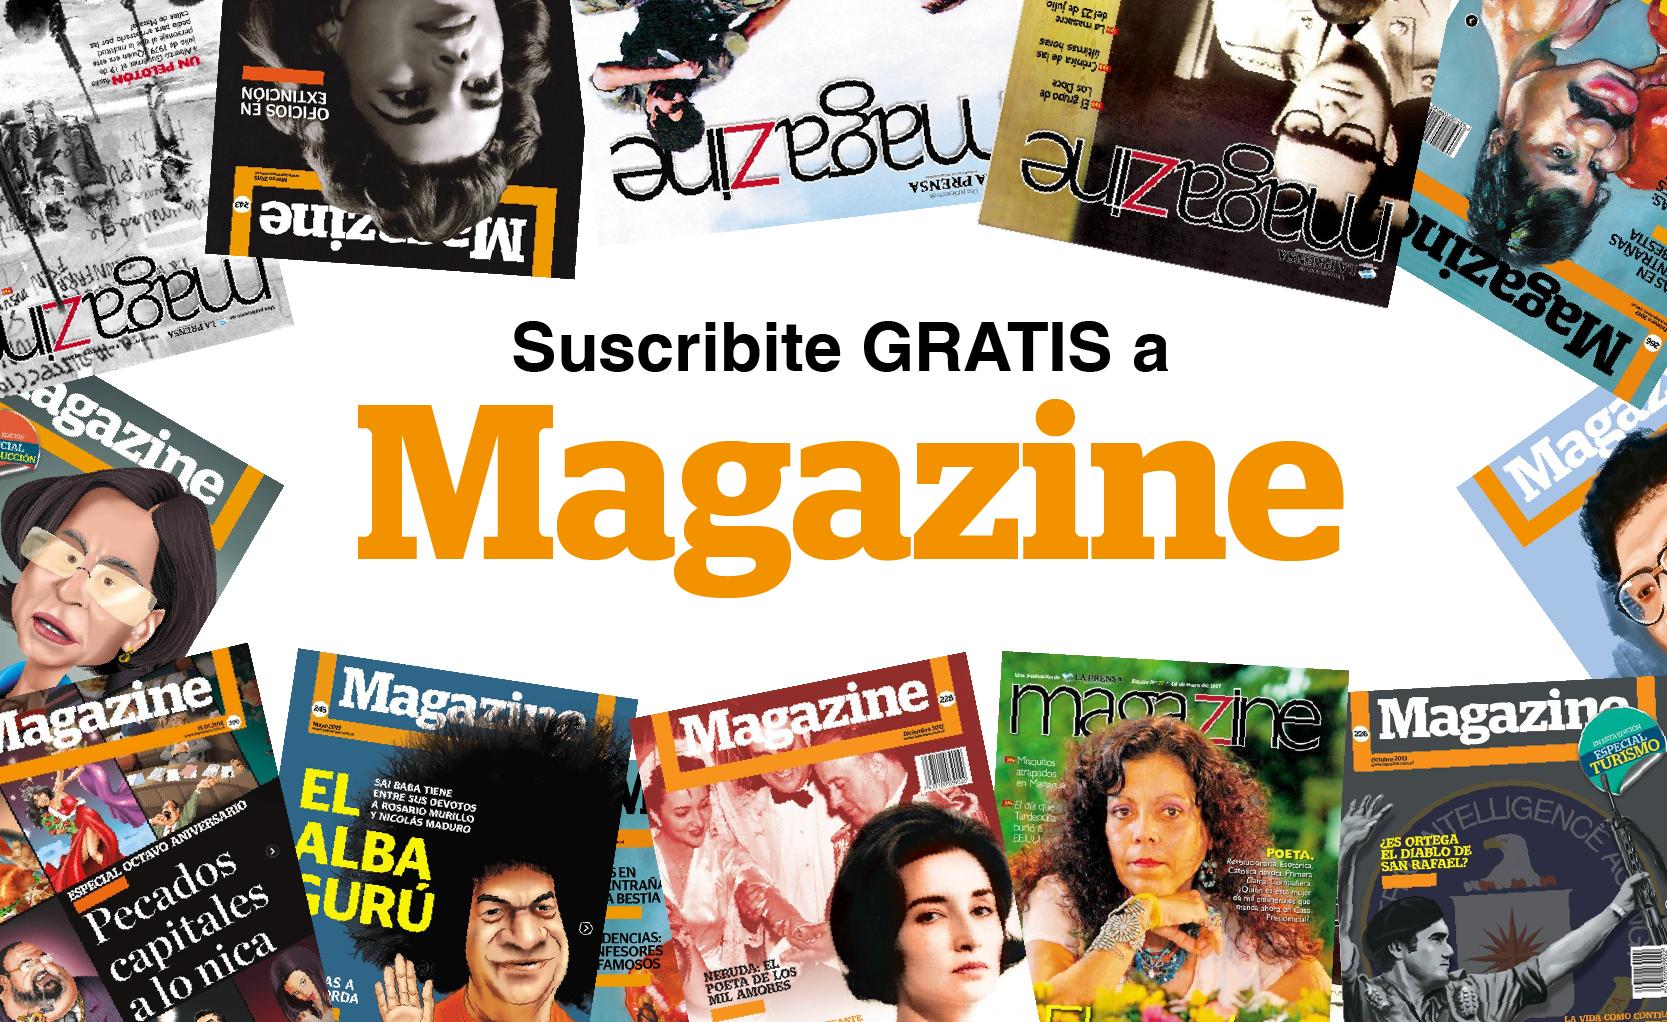 Magazine suscripción gratis